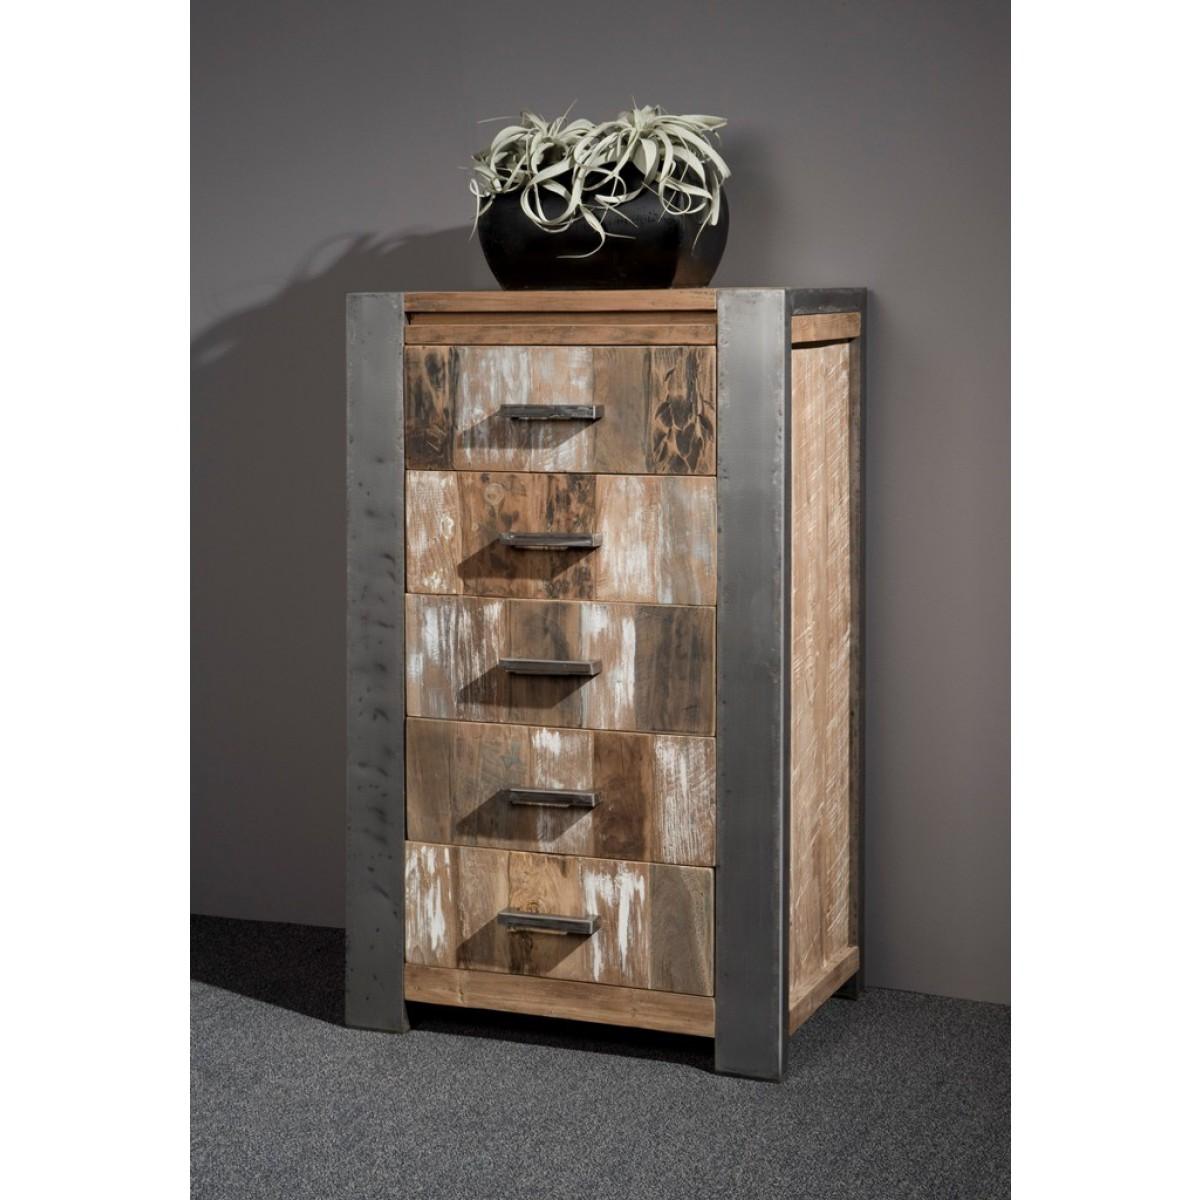 ladenkast-5lade-teak-hout-recycled-metalen-poot-sfeer